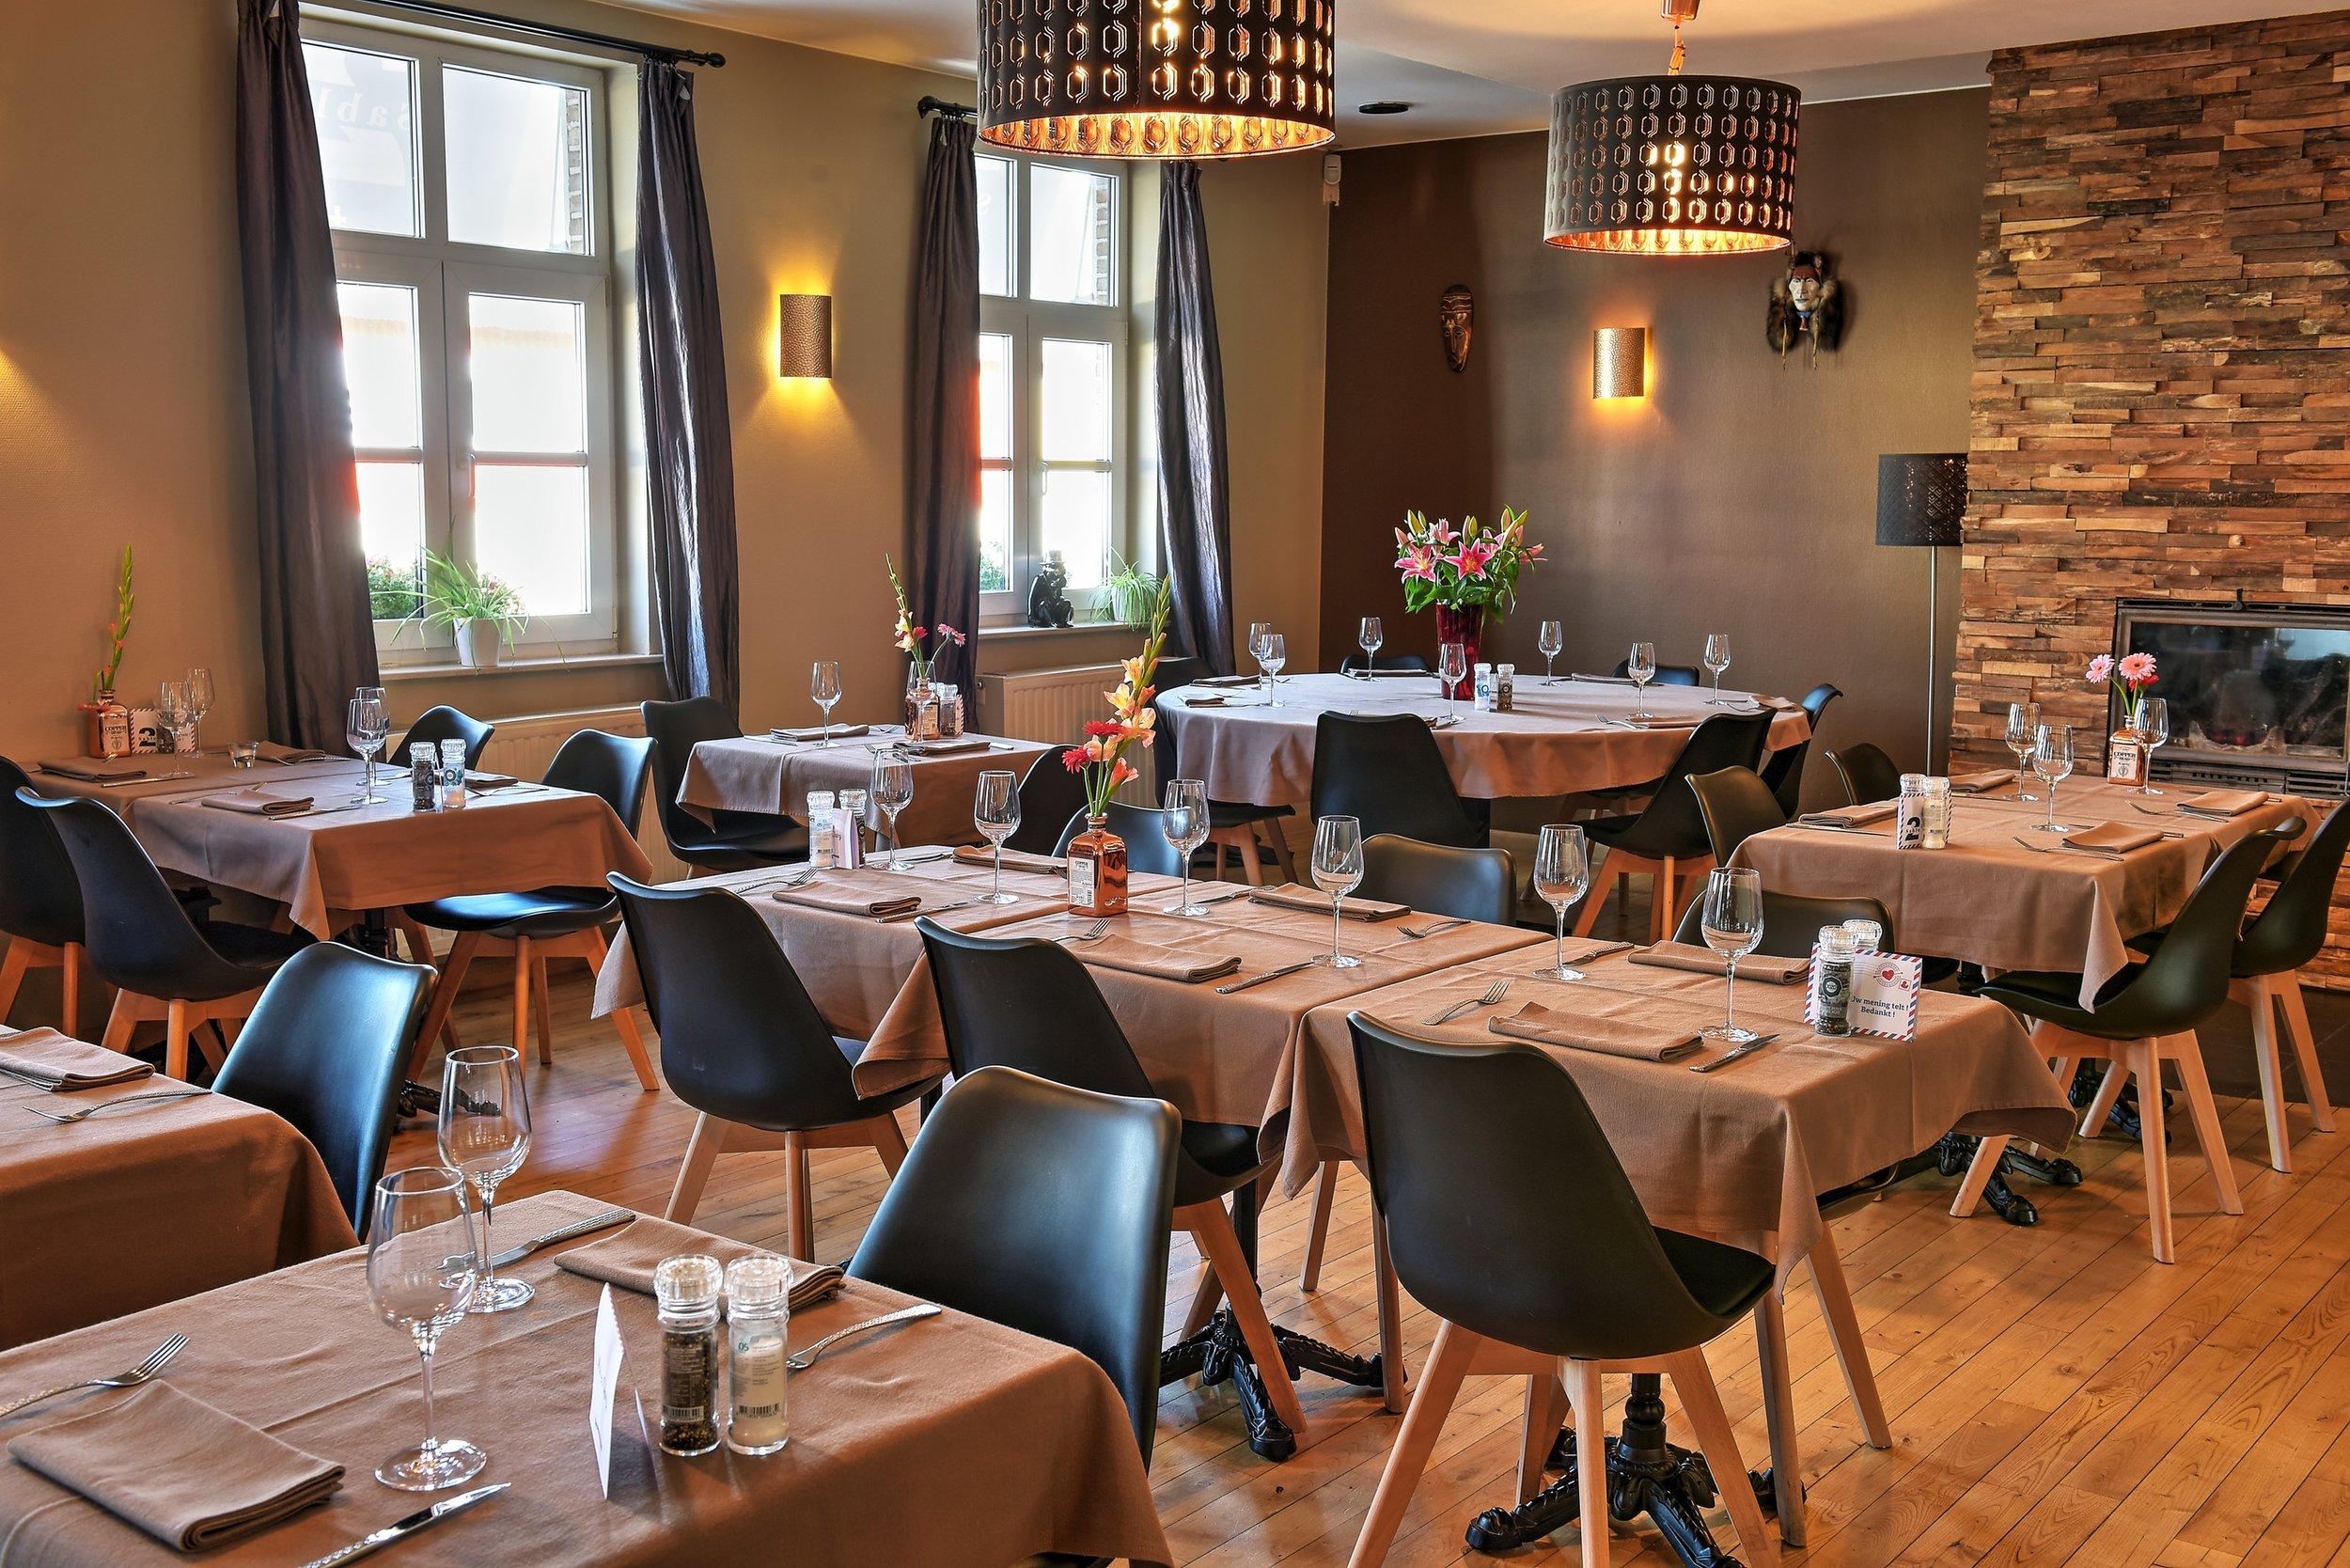 1 restaurant sable 2 grembergen dendermonde bart albrecht tablefever.jpg